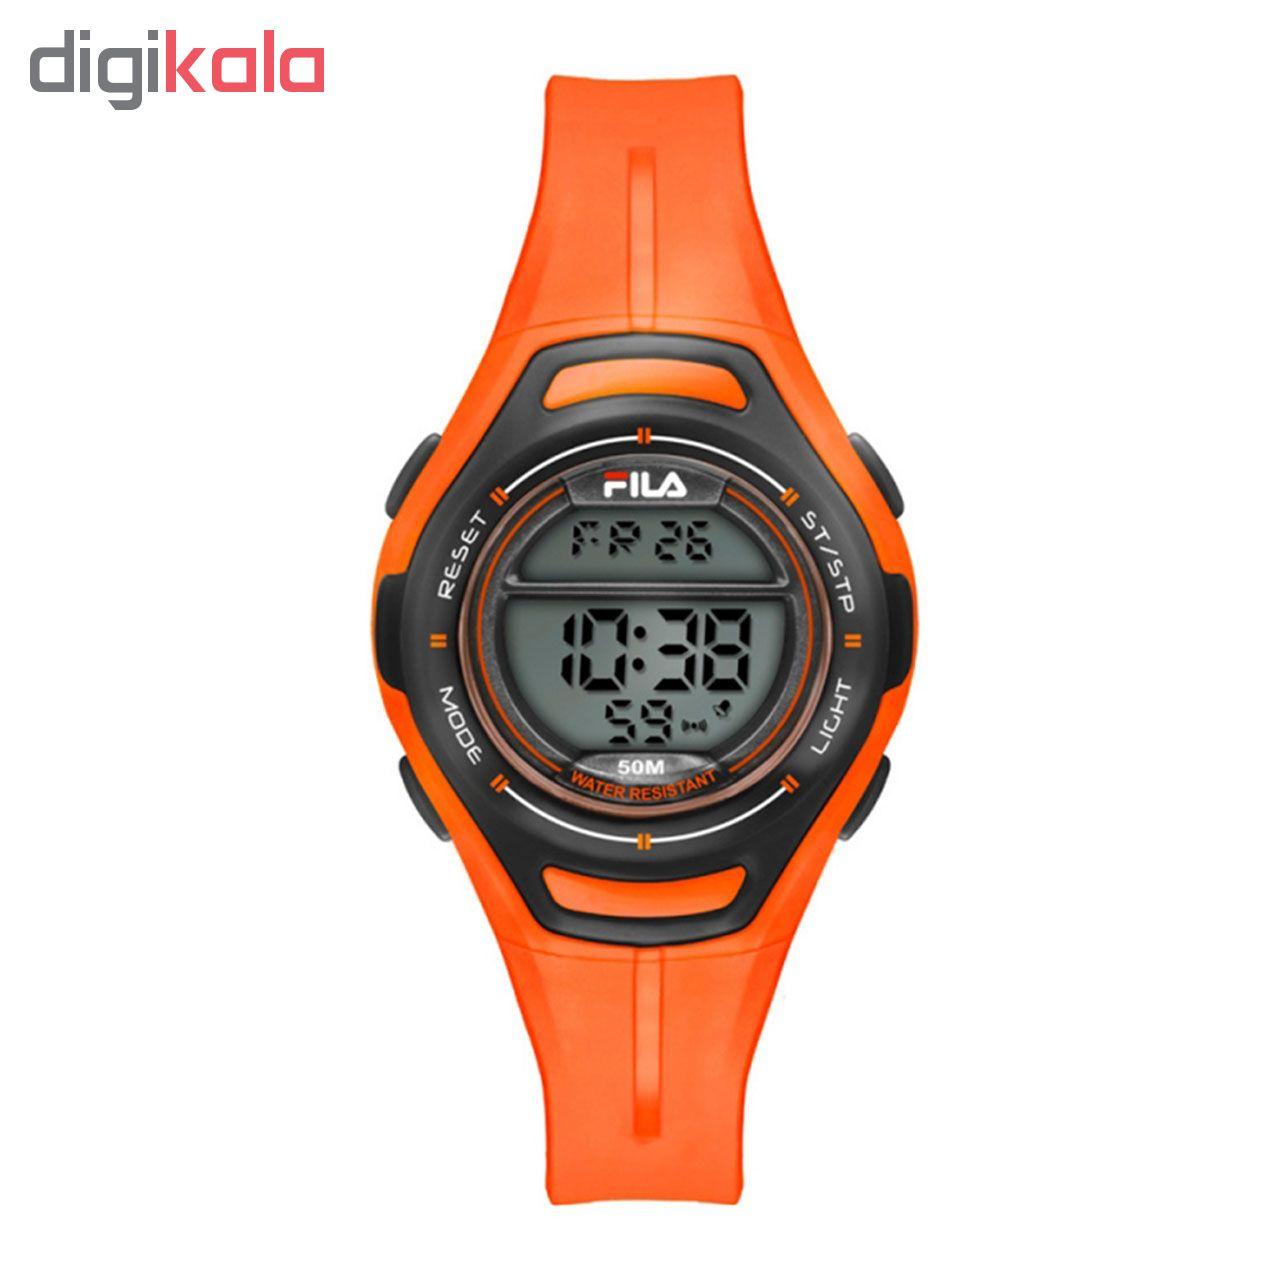 ساعت مچی دیجیتالی زنانه ی فیلا مدل 38-098-002